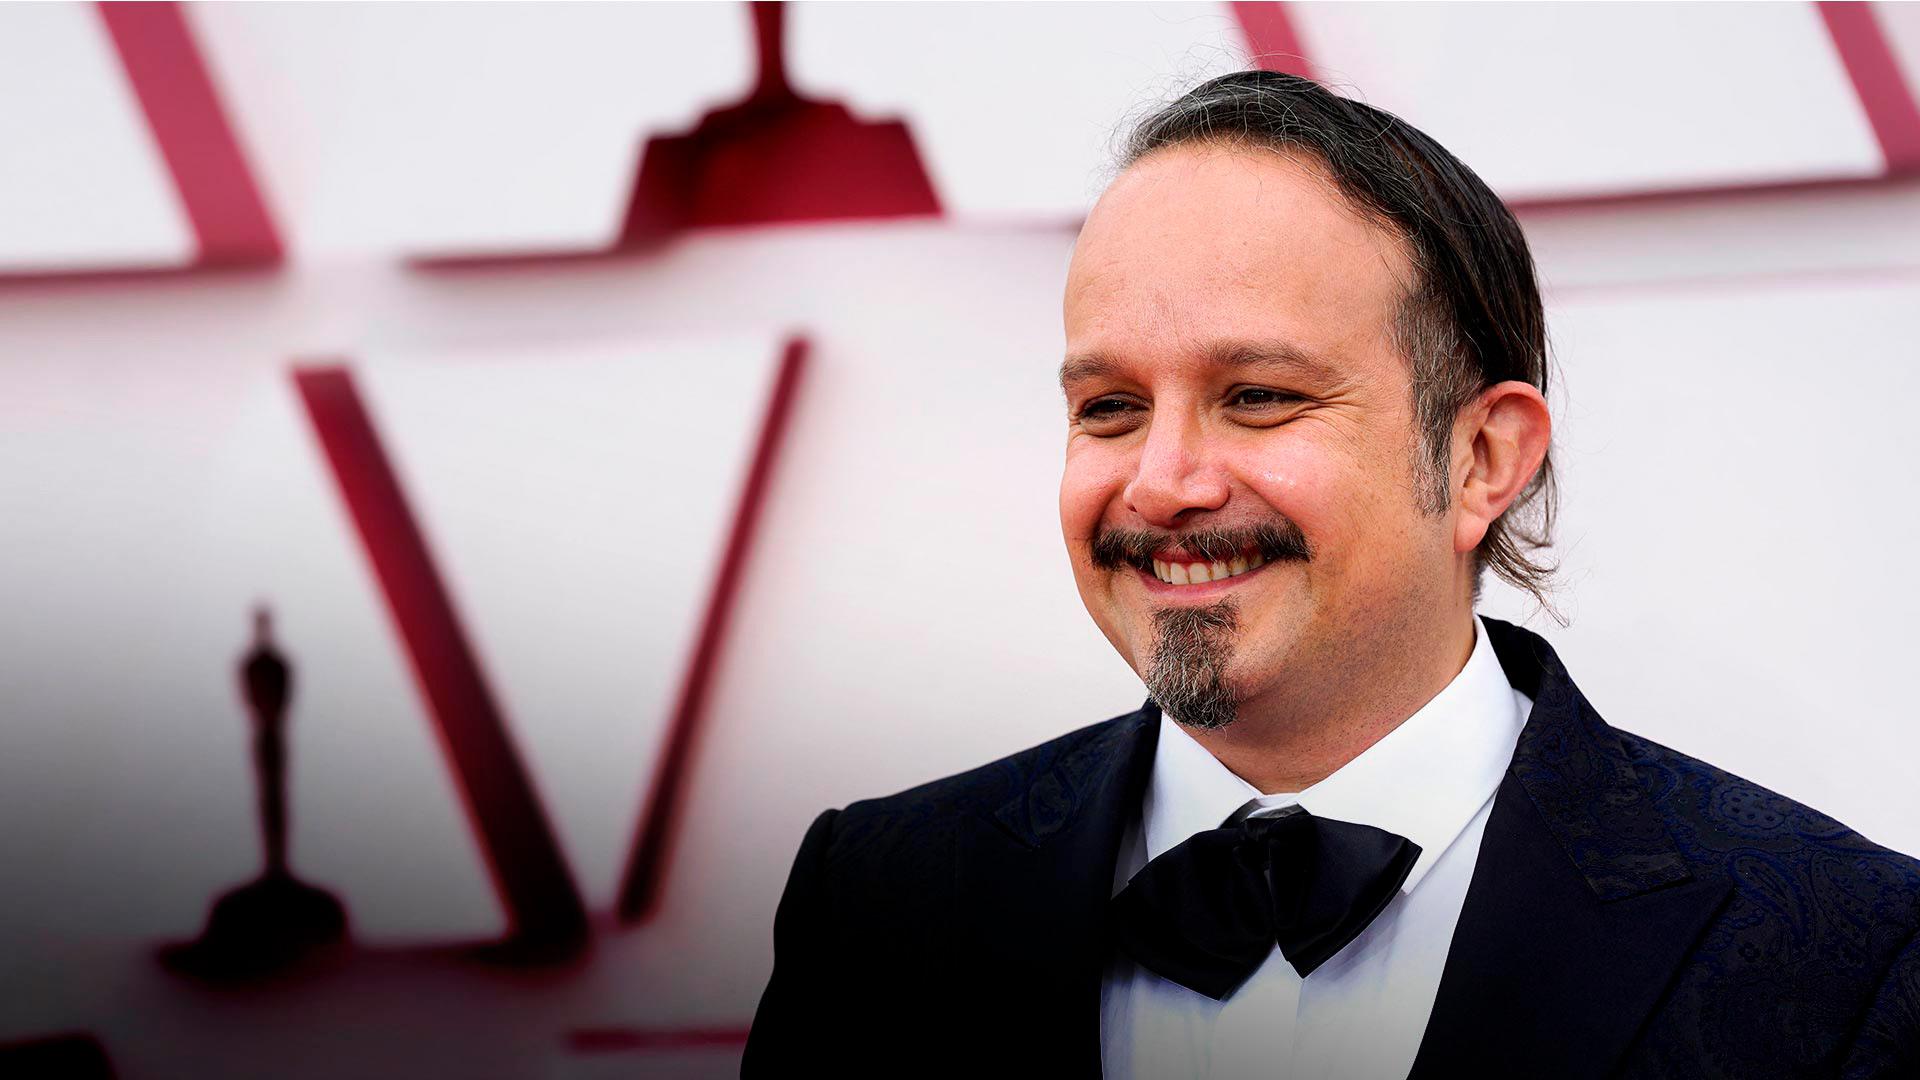 ¡Orgullo EXATEC! Gana el Óscar Carlos Cortés, egresado de PrepaTec